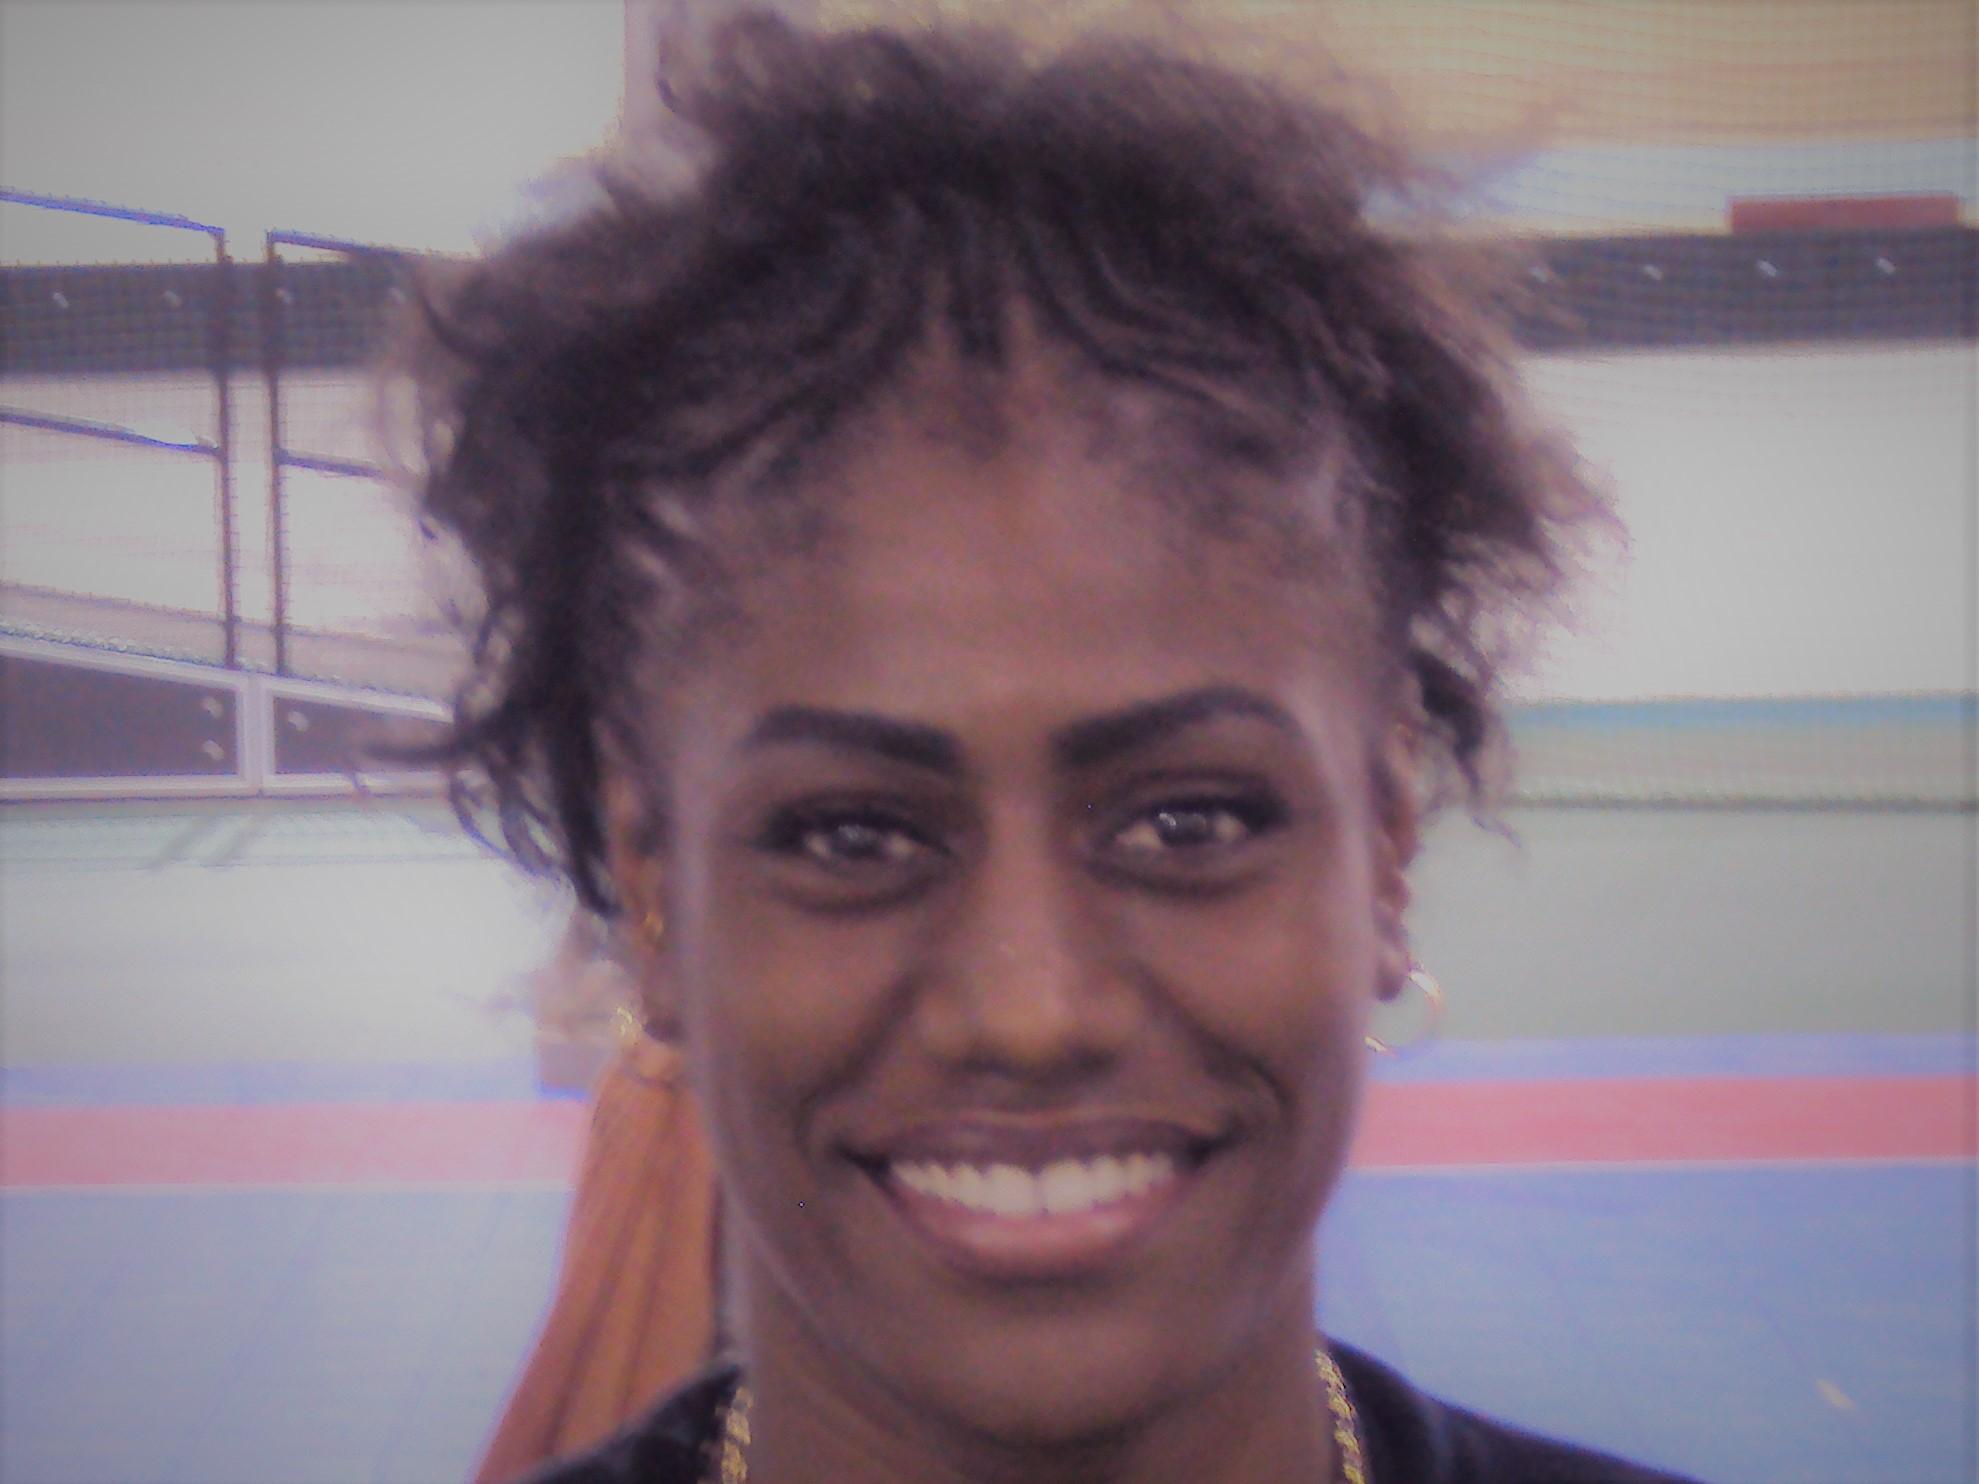 Delicia Pierre